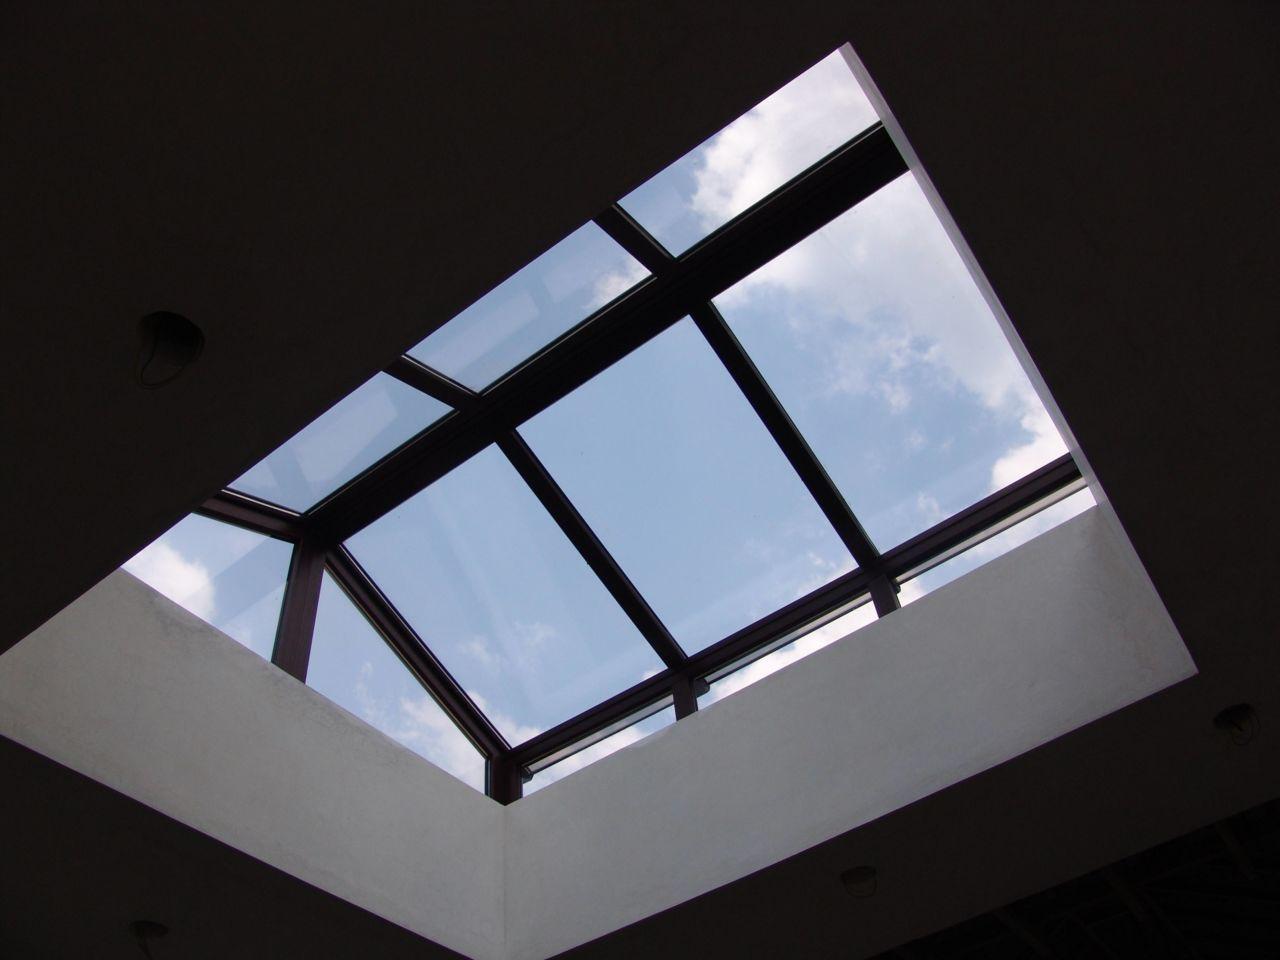 Iluminacion natural en tu casa con los tragaluces o - Claraboyas para techos ...